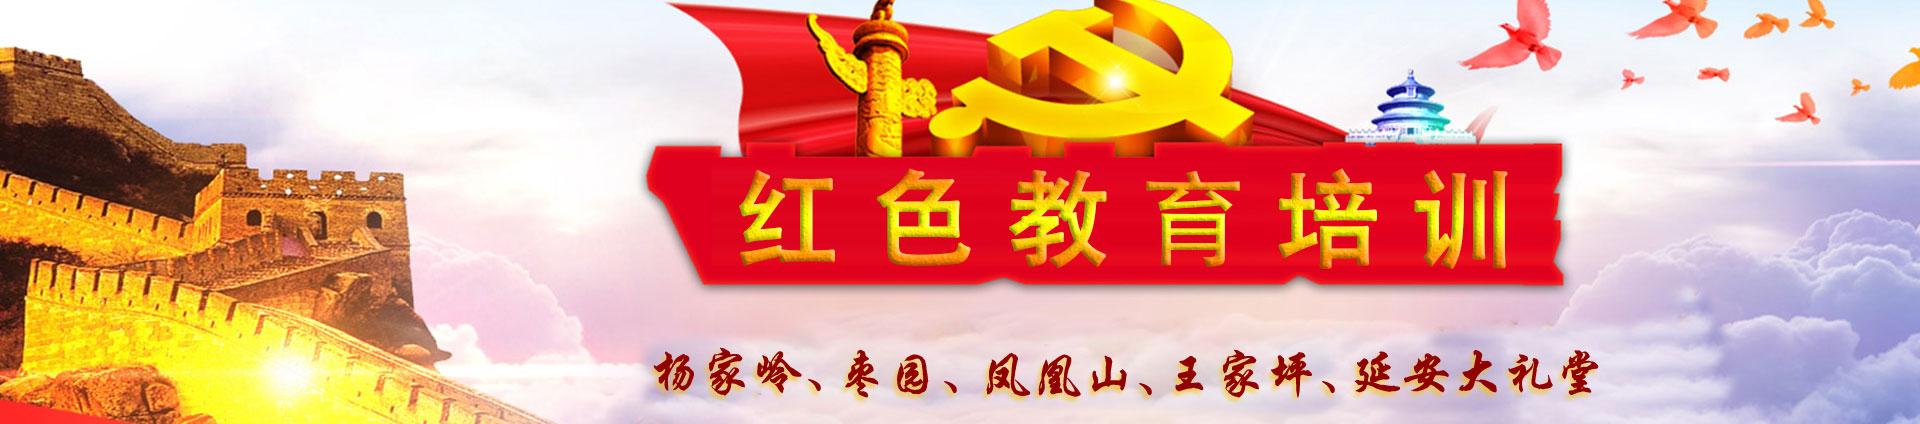 延安圣德红色文化培训中心党性教育培训